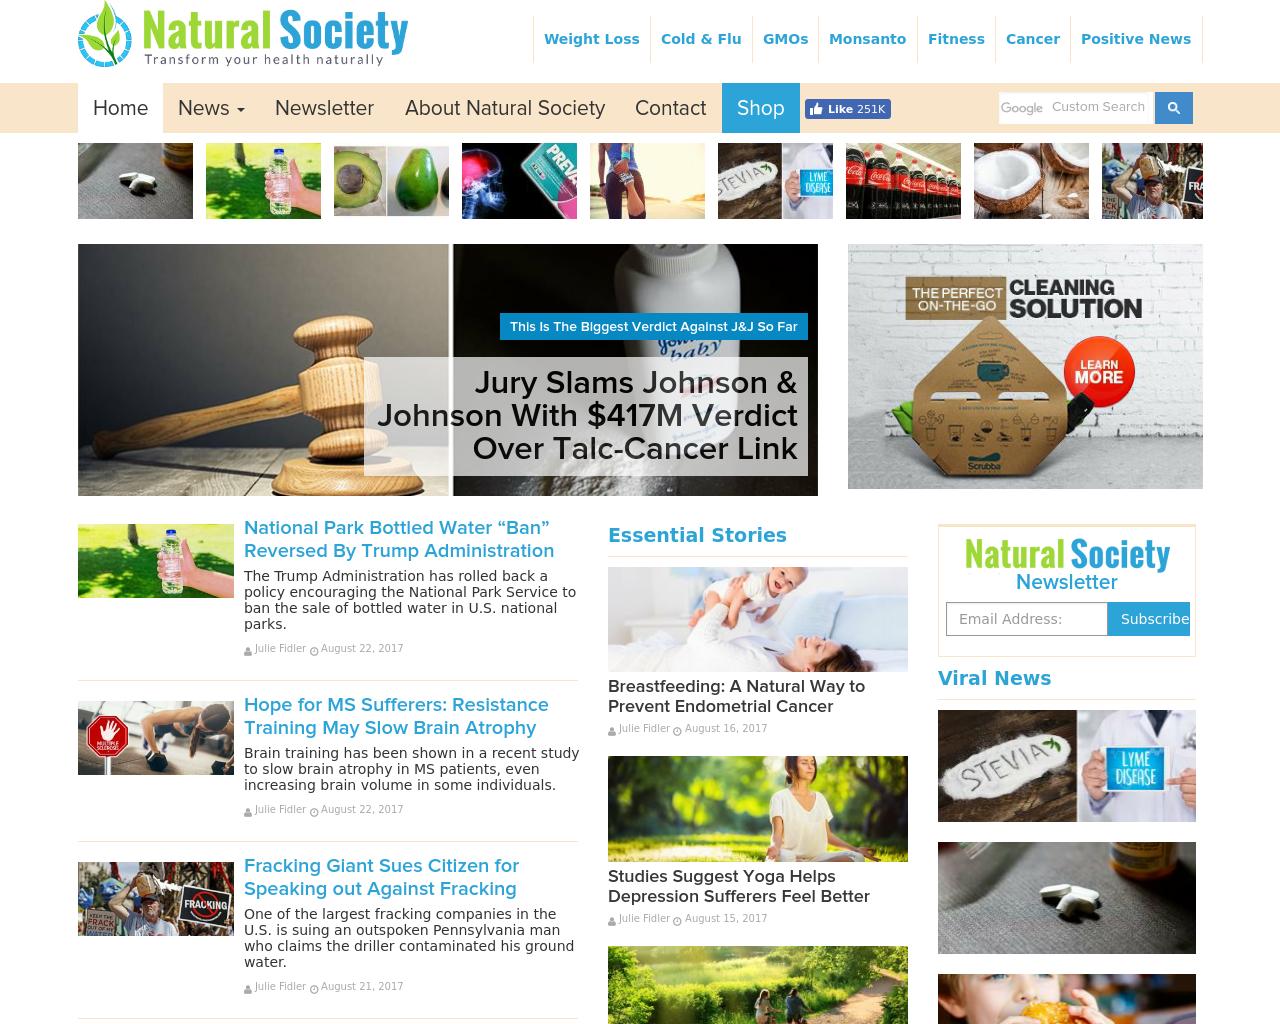 Natural-Society-Advertising-Reviews-Pricing